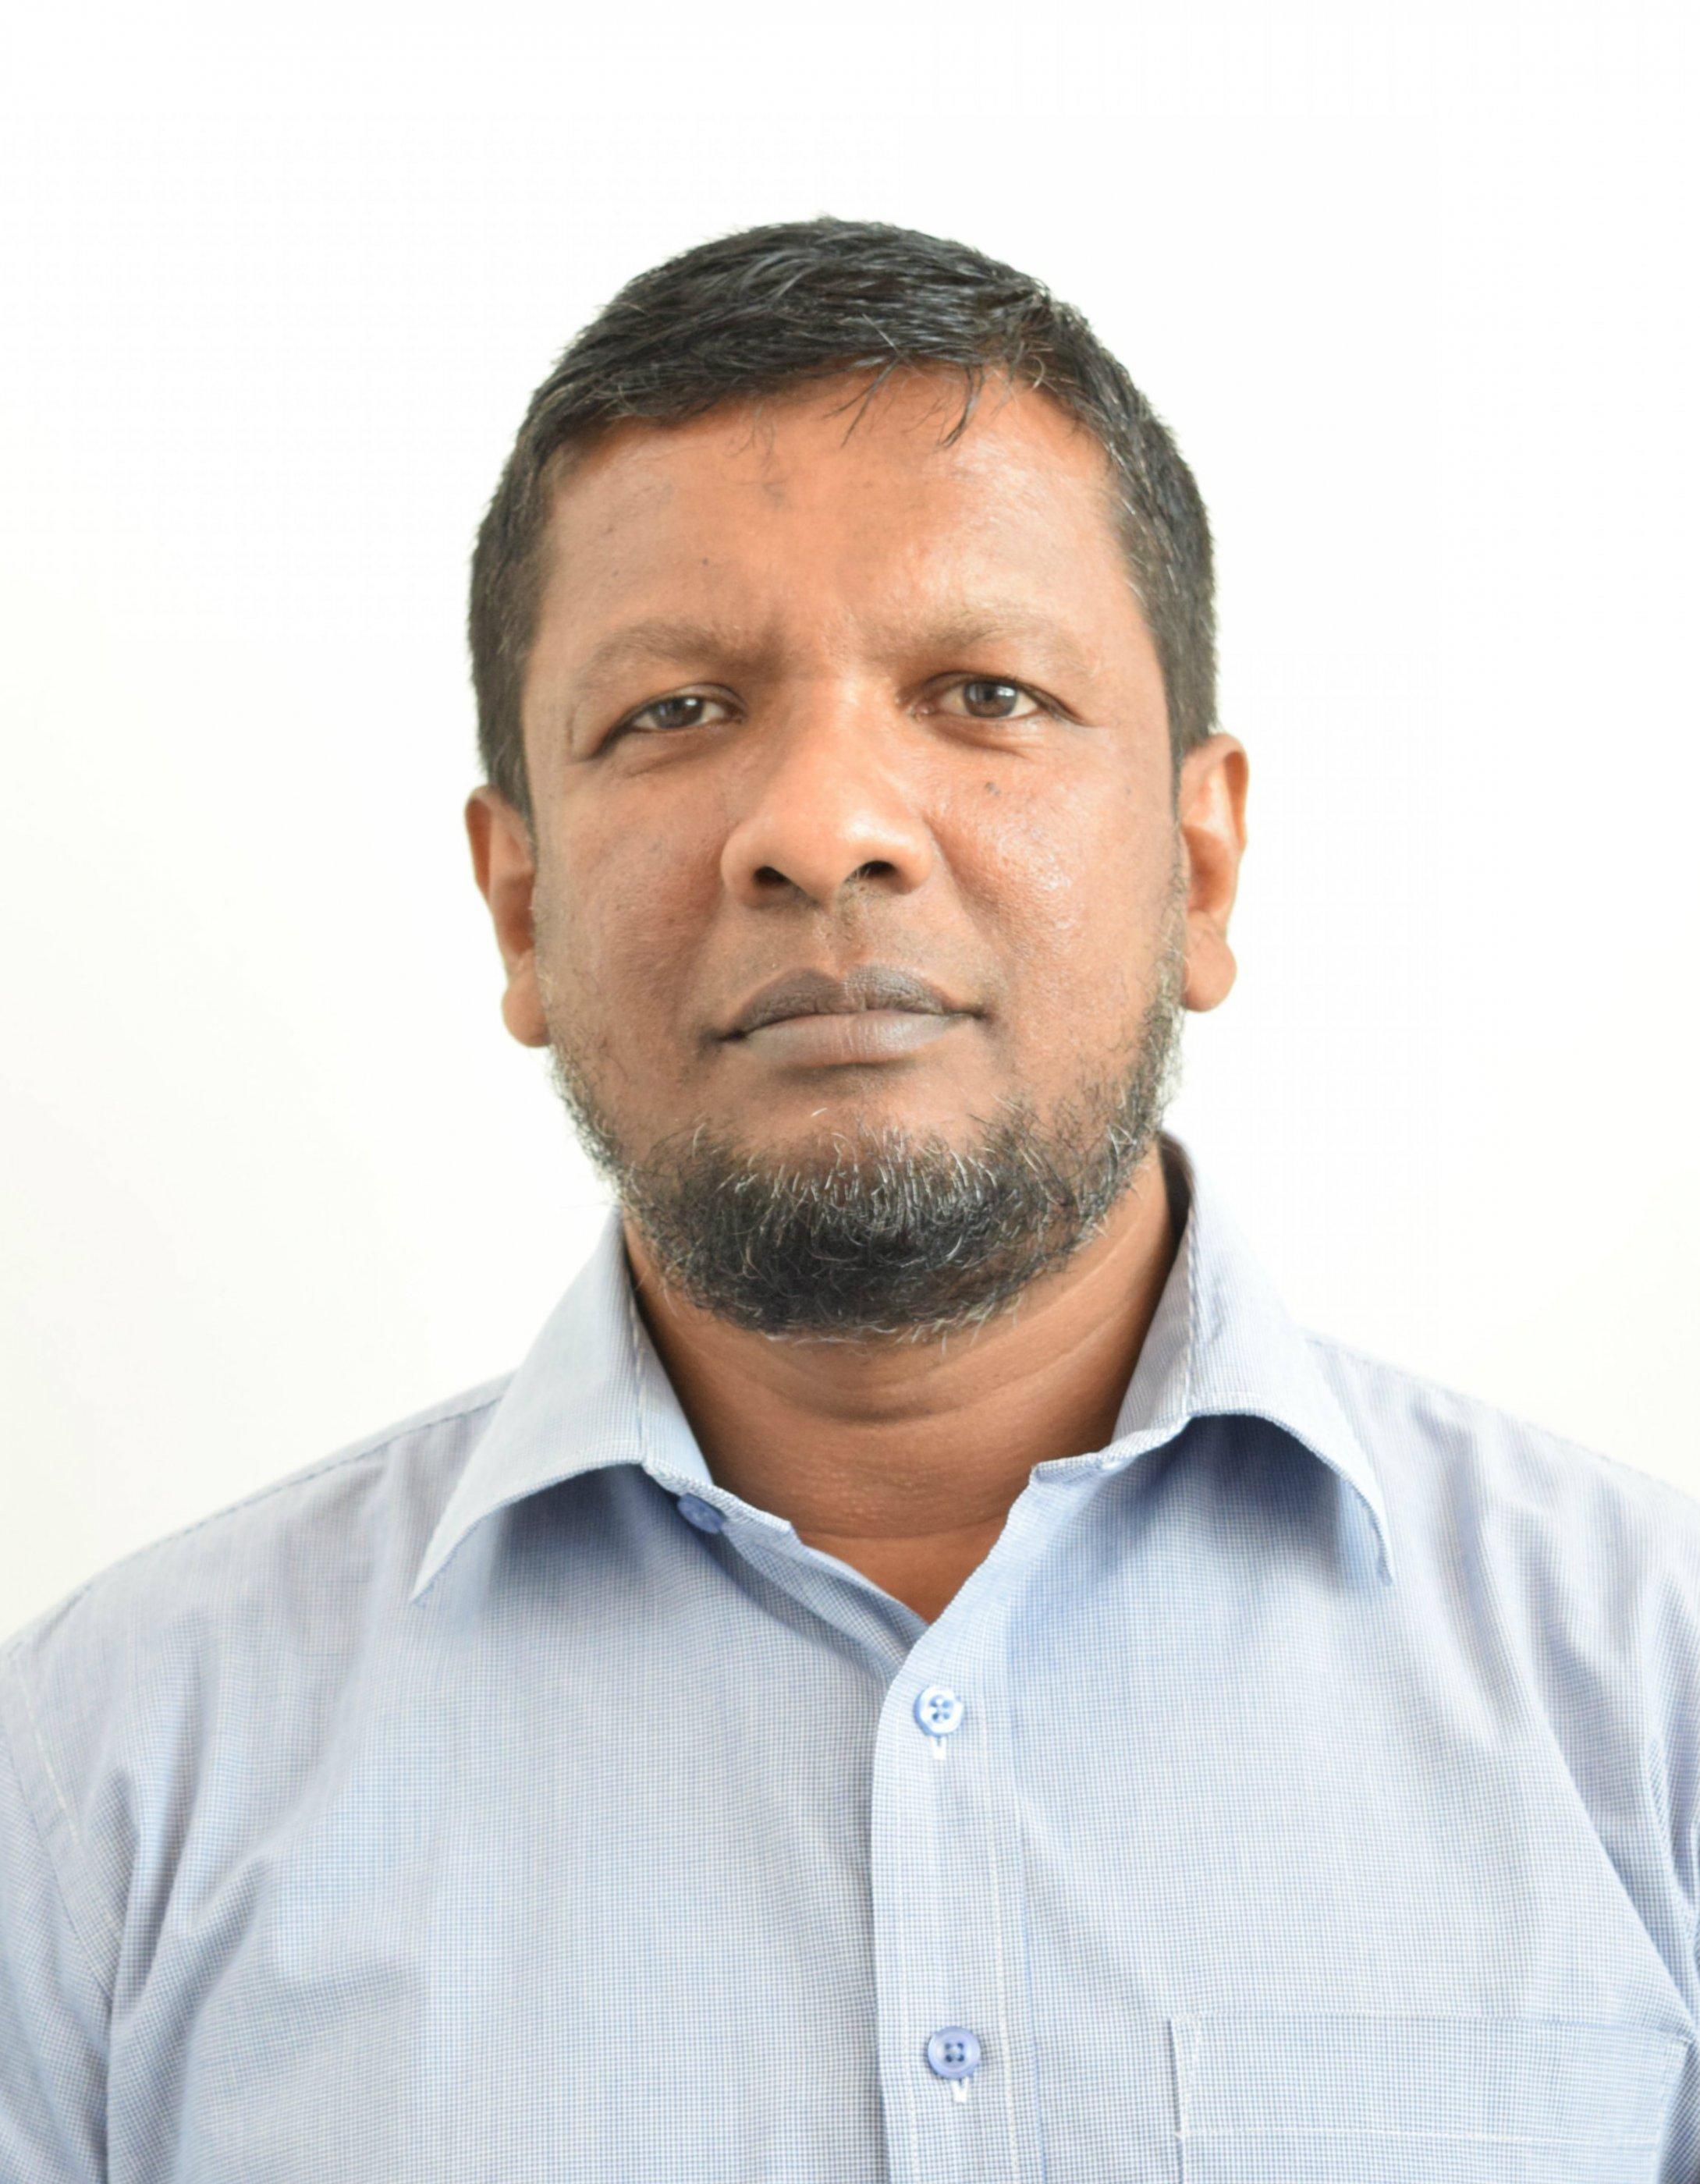 Affan Yusuf